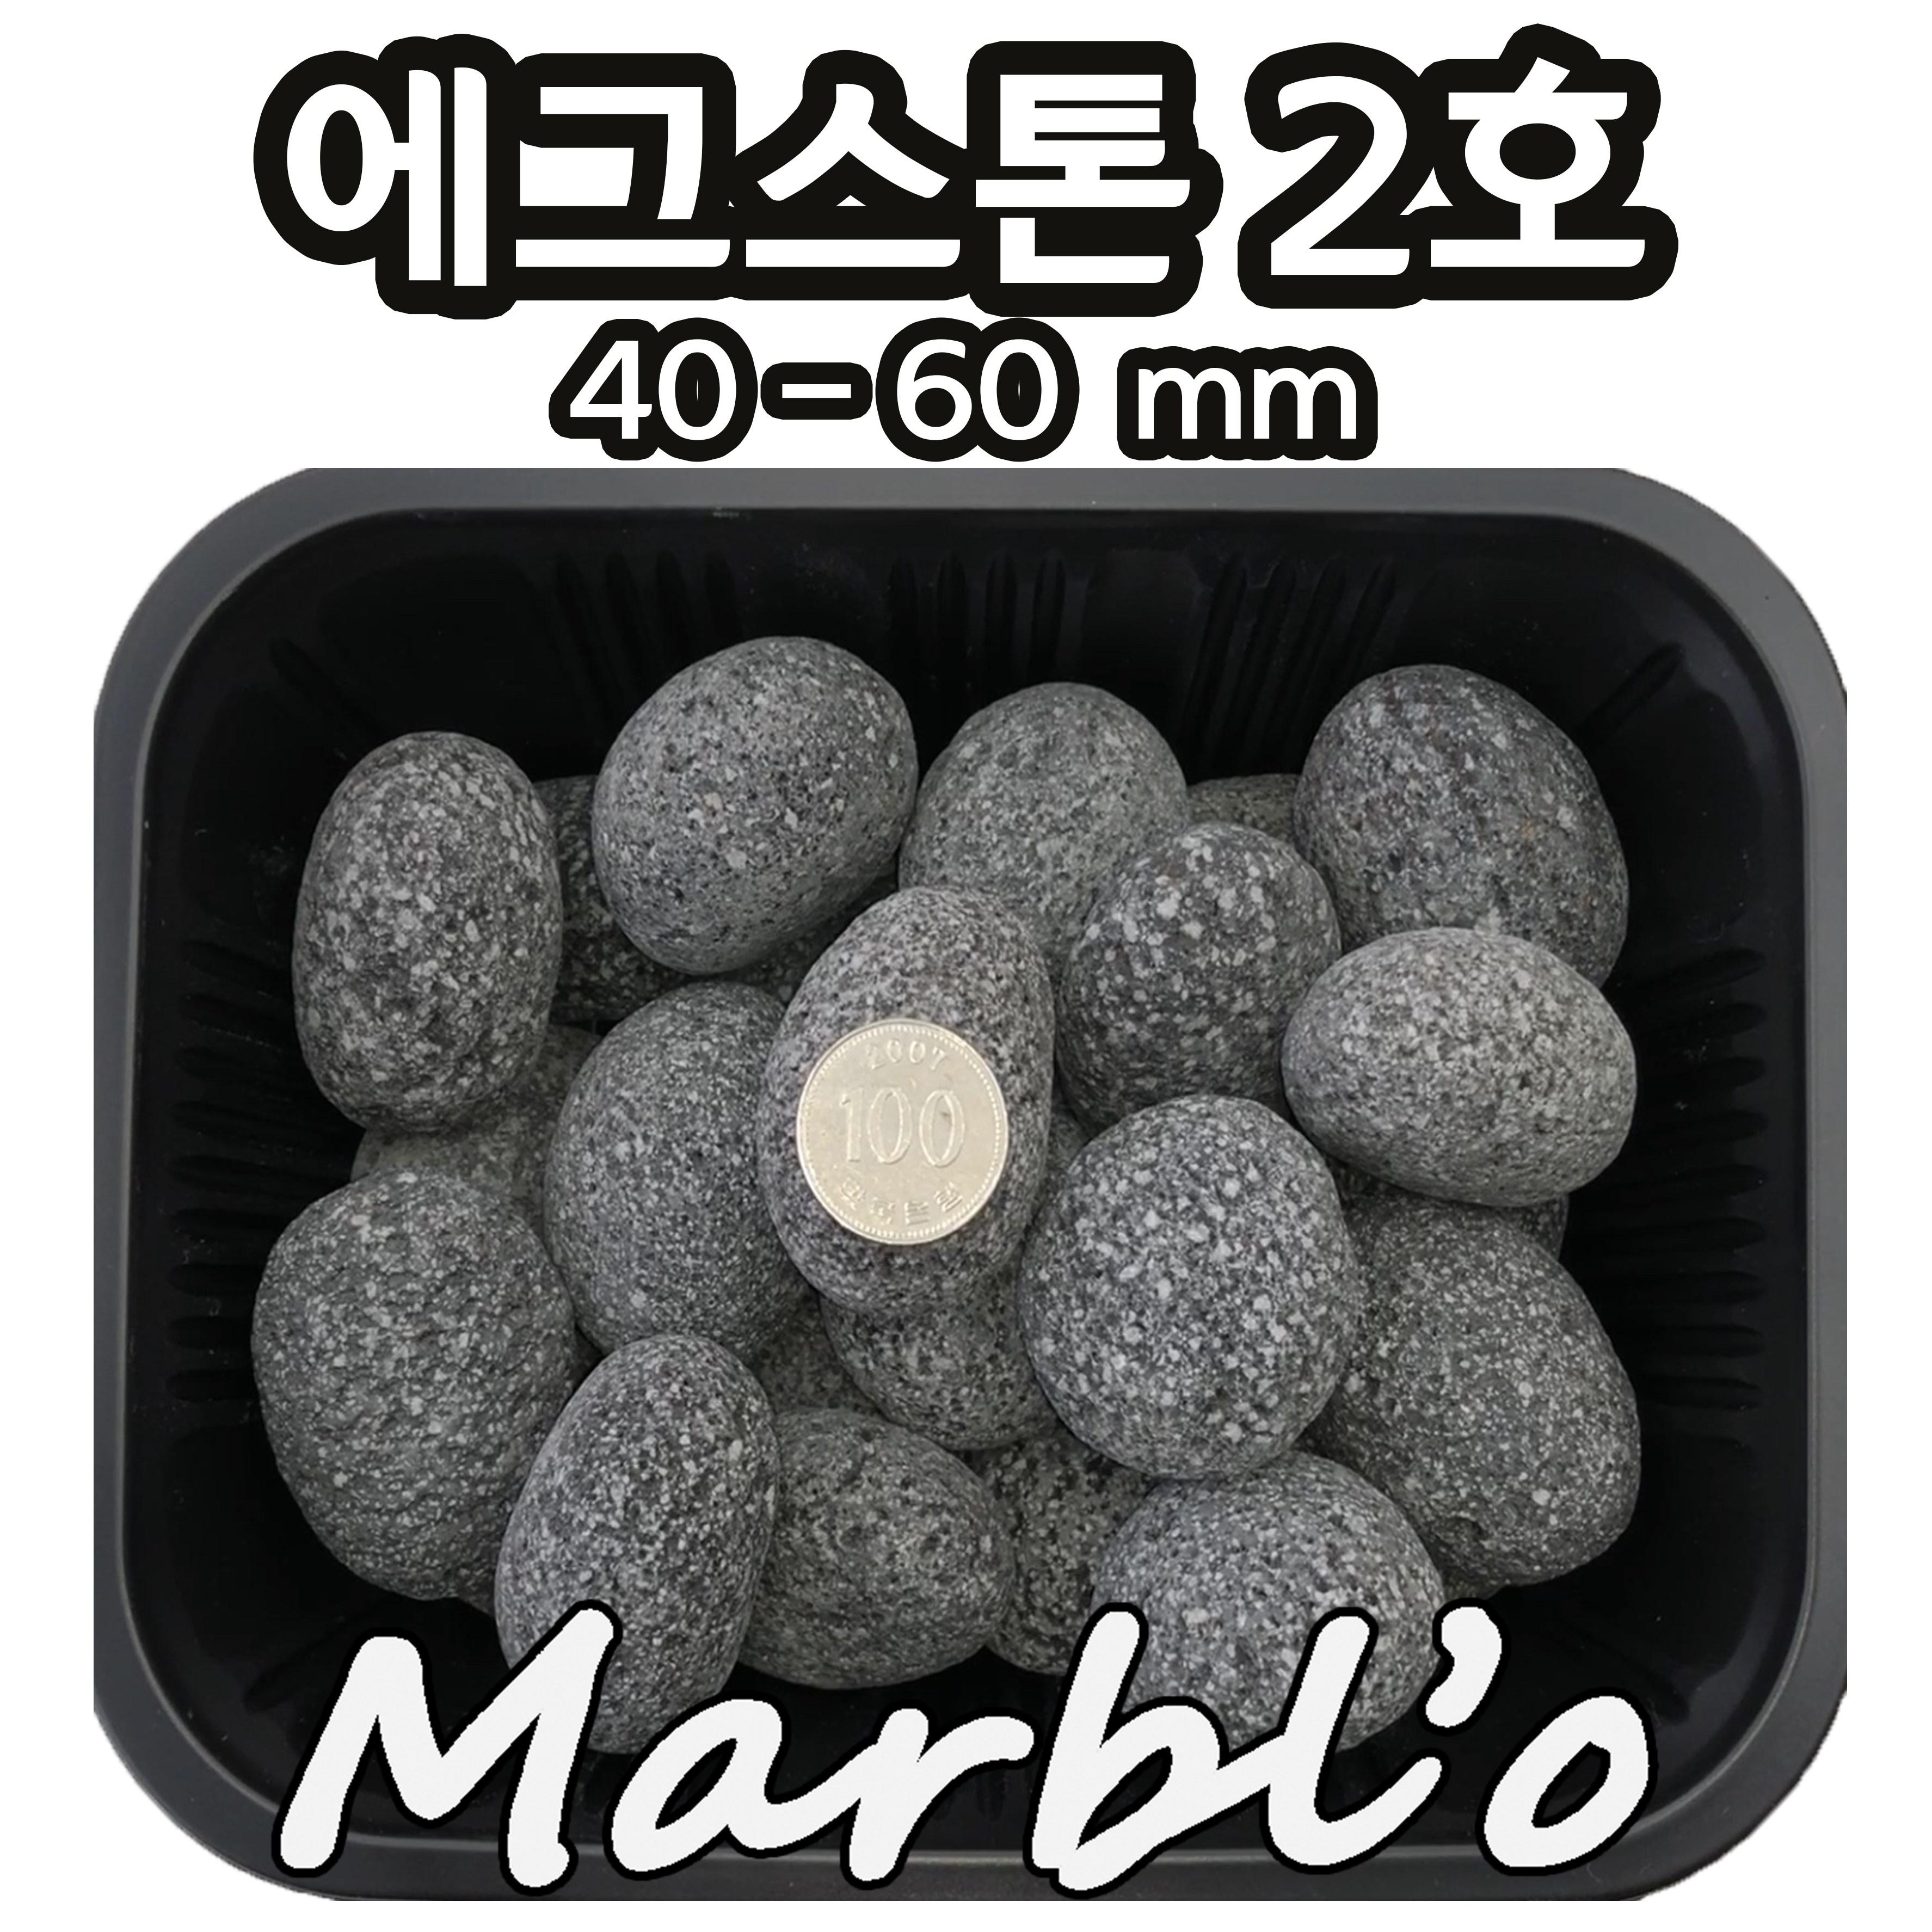 [마블로] 현무암 에그스톤 자갈, 2호 (40-60mm) 2kg